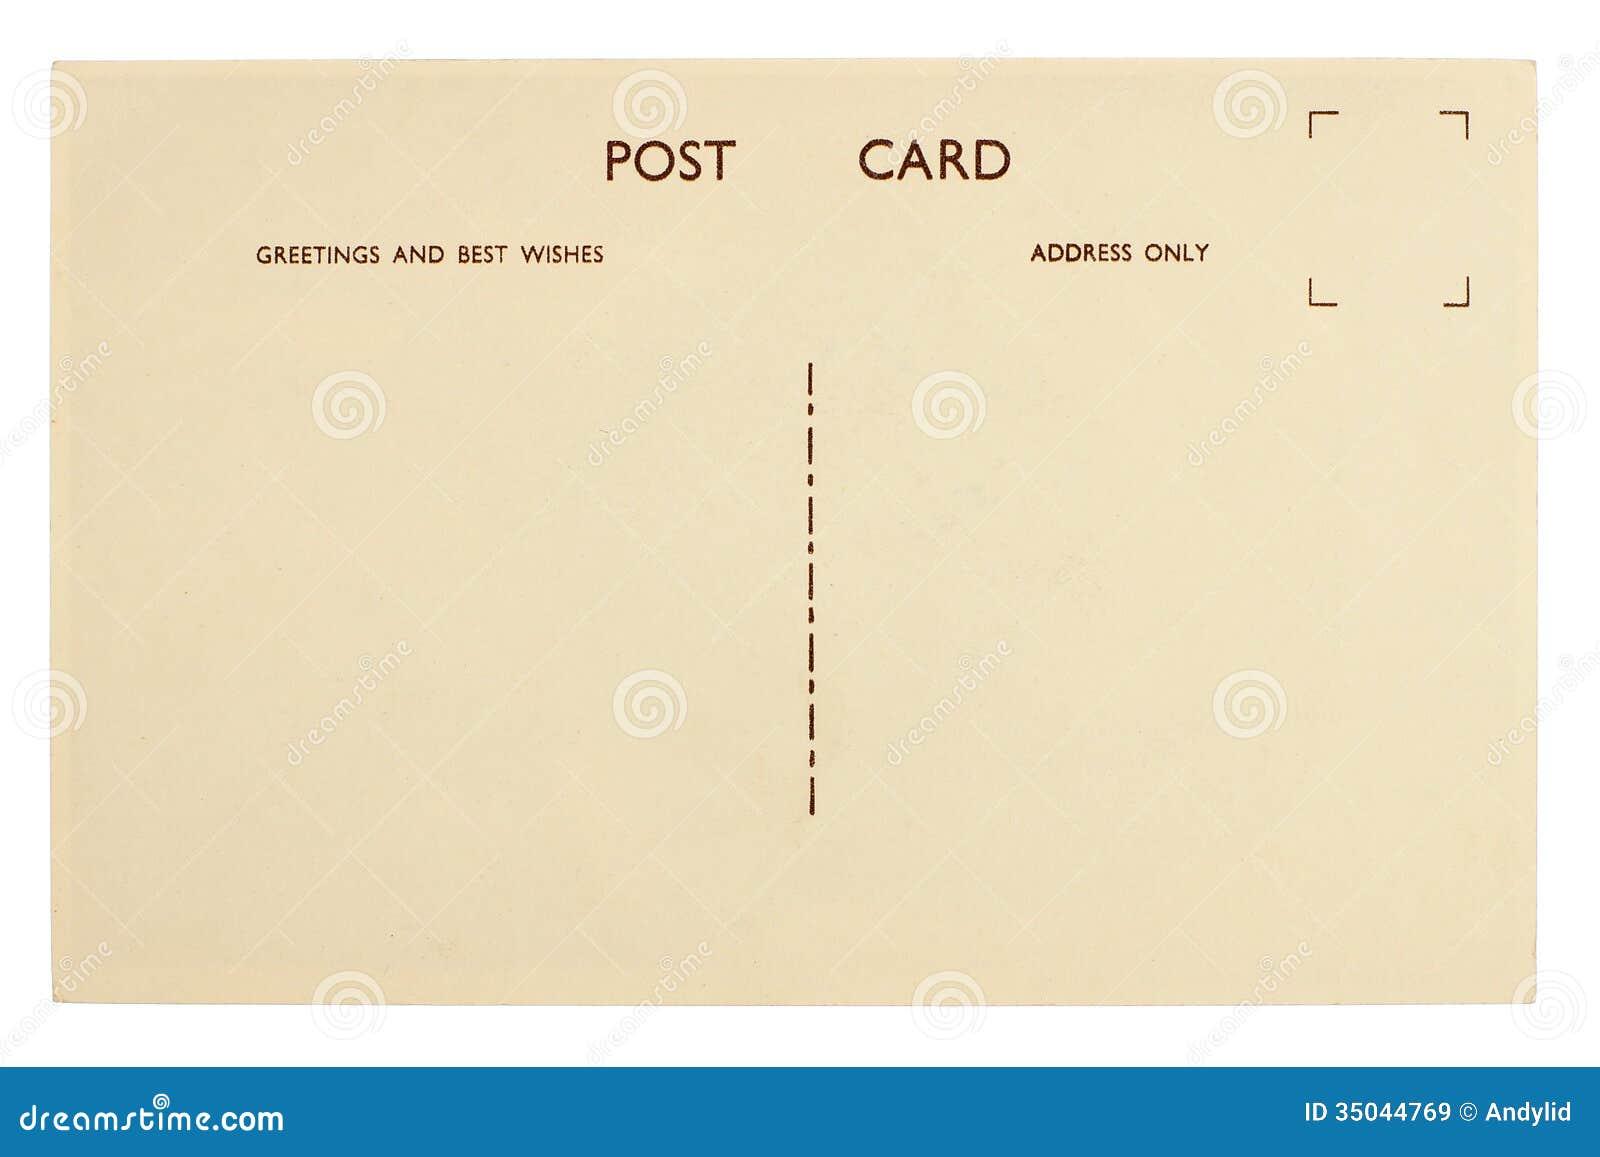 Sonidolatinoradio  Postcard Templates Free